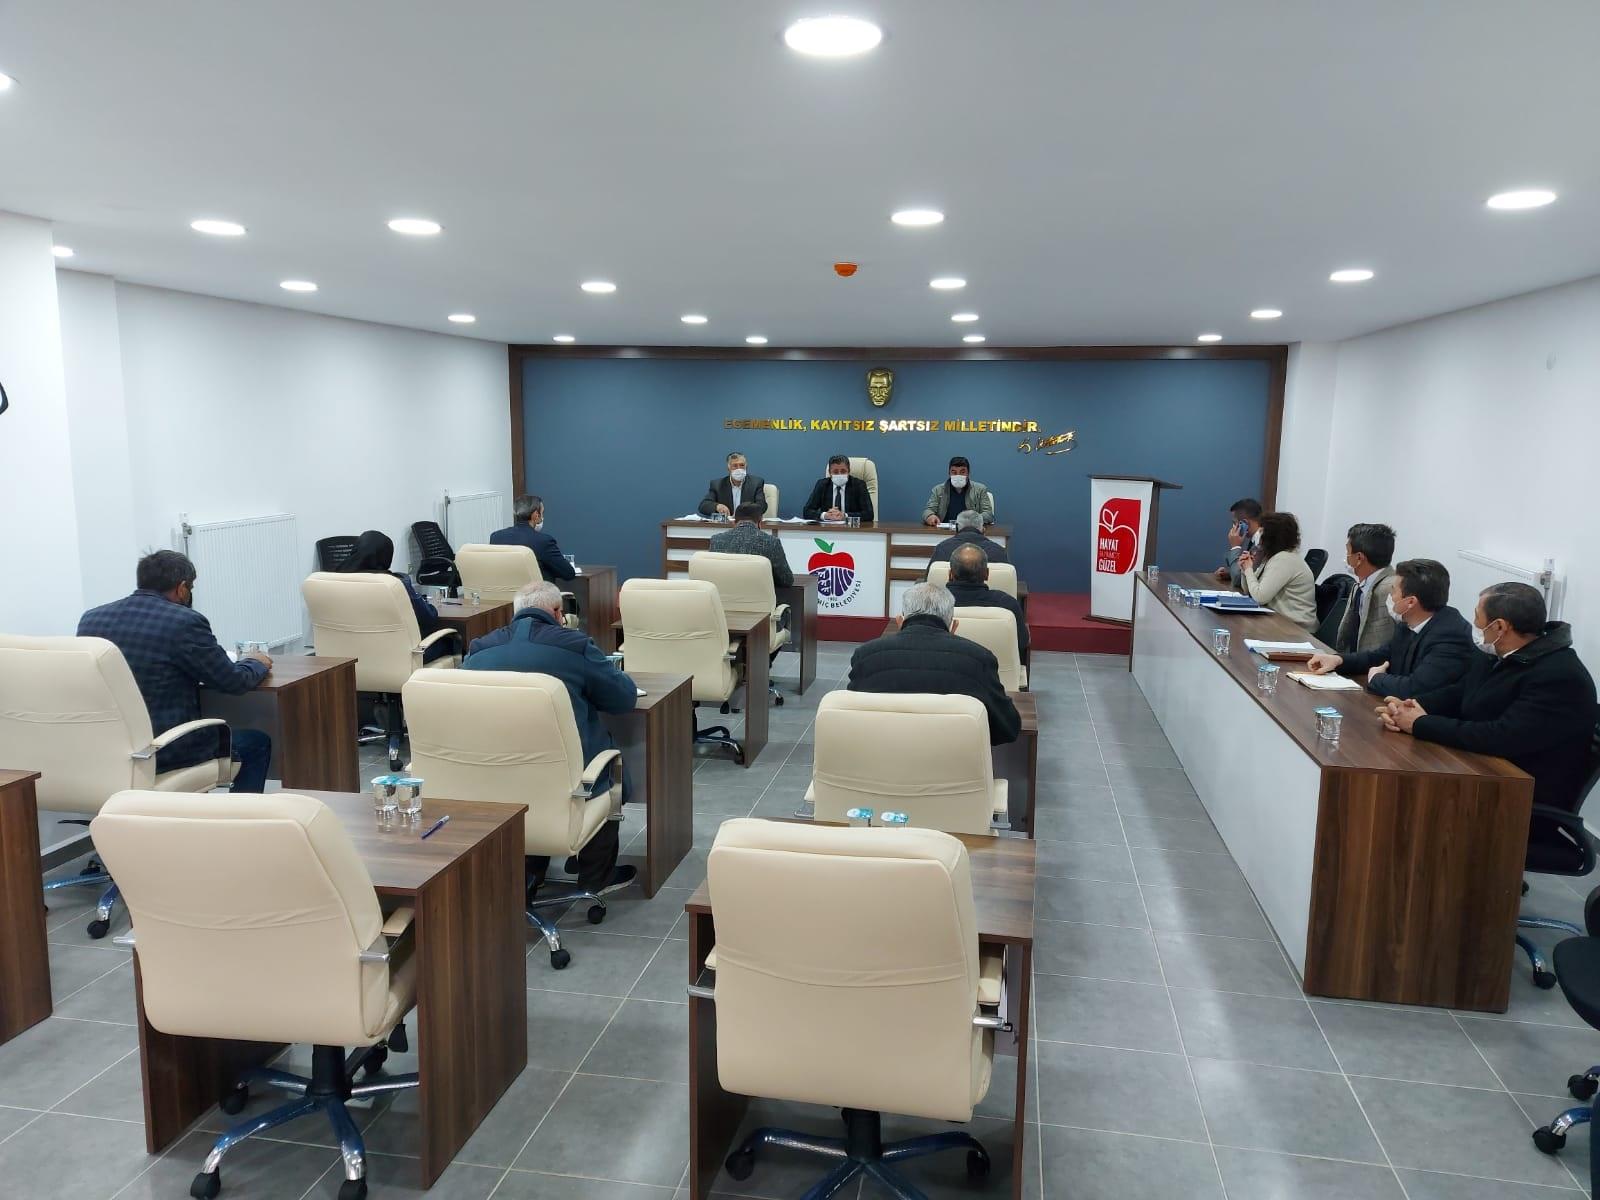 Yeni meclis salonunda ilk toplantı yapıldı